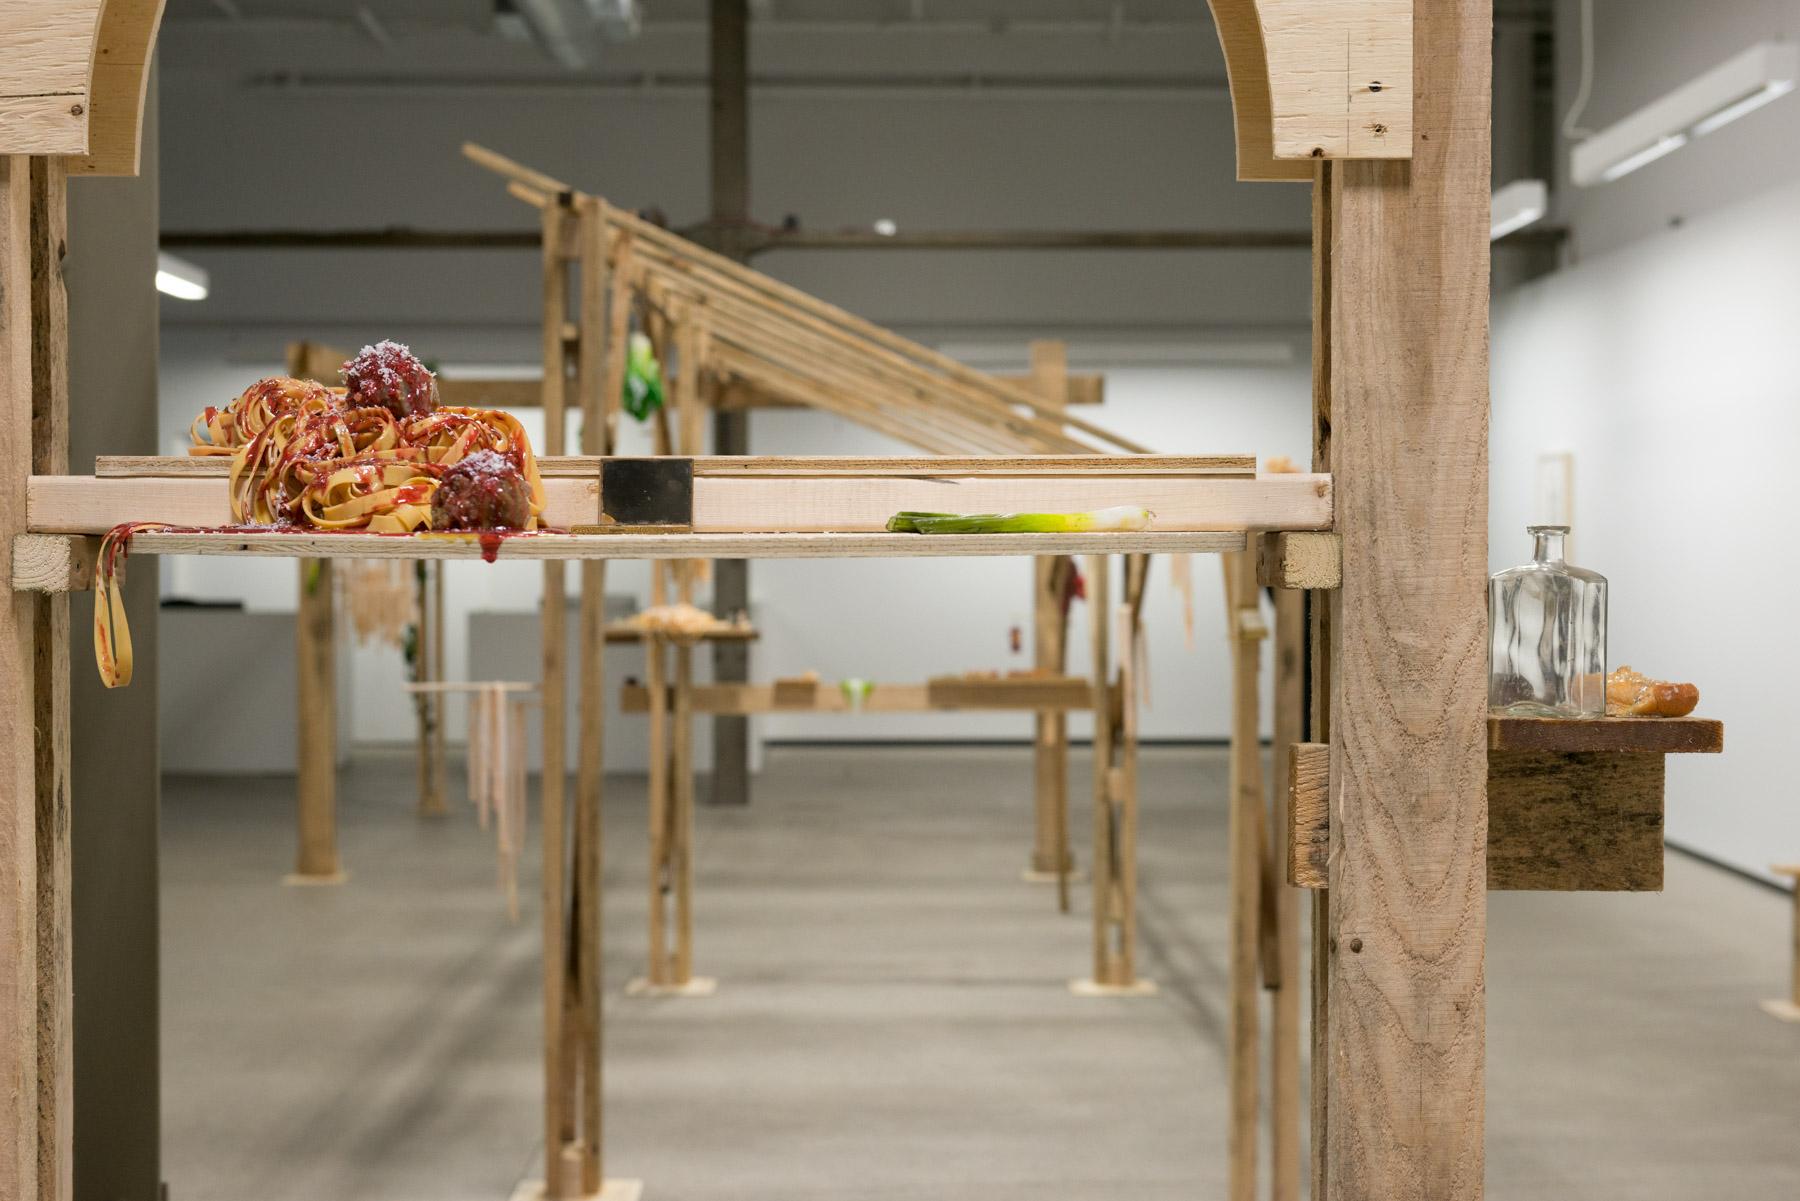 Cantina, 2016, bois, uréthane, objets et feuilles de vigne en plastique (Vue d'installation).